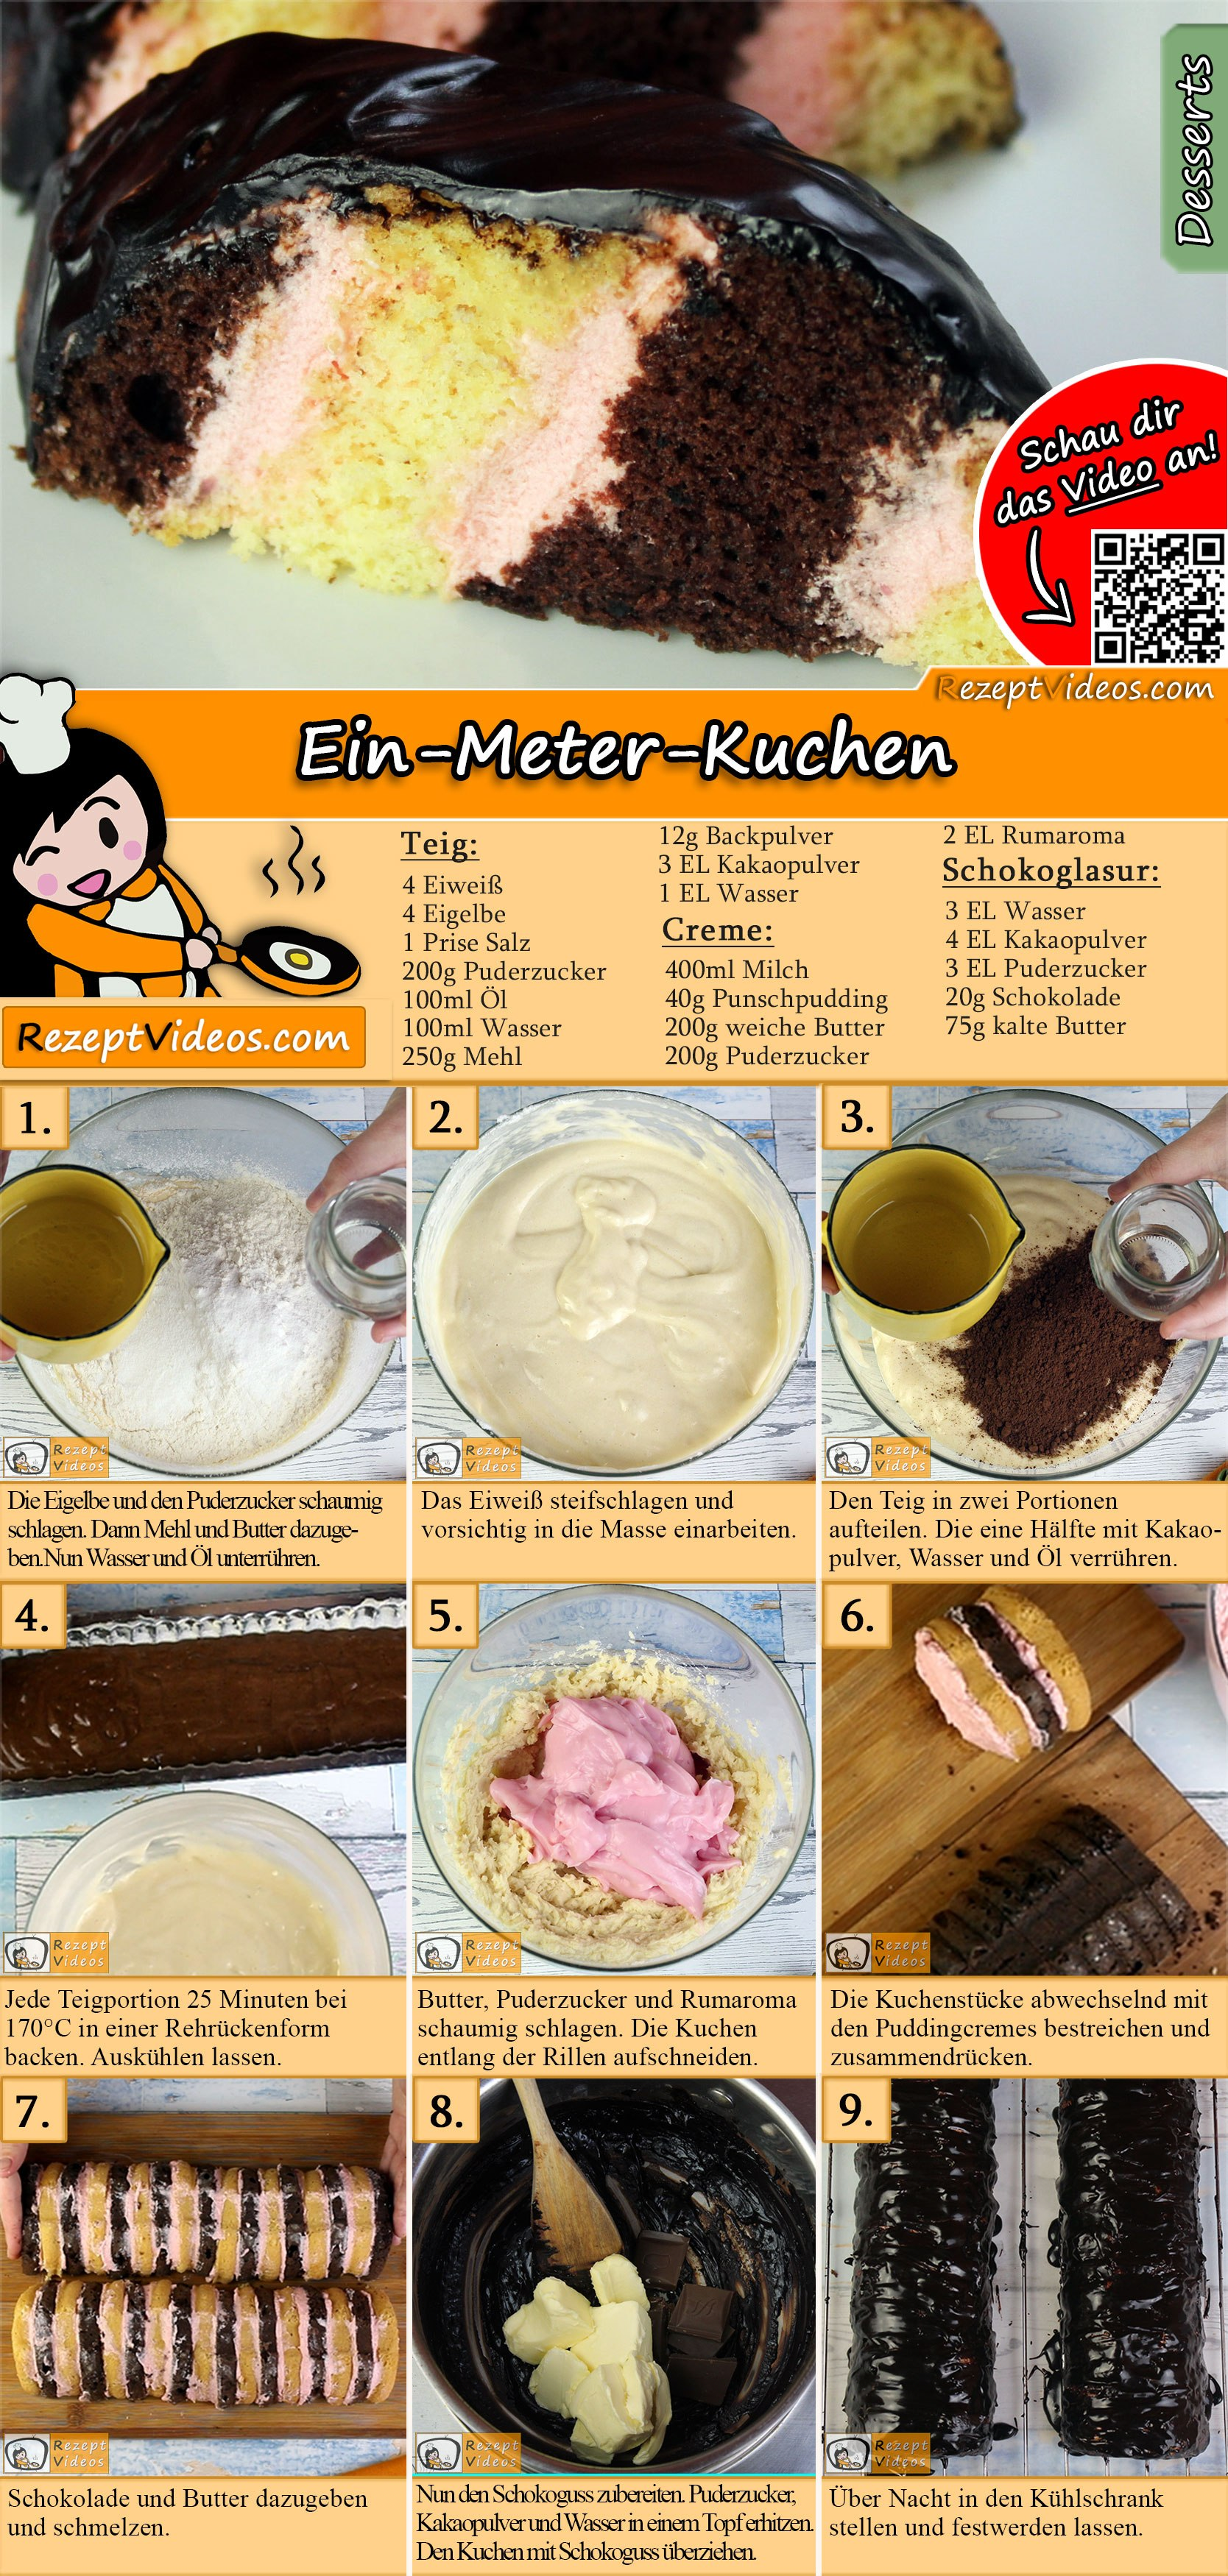 Ein-Meter-Kuchen Rezept mit Video